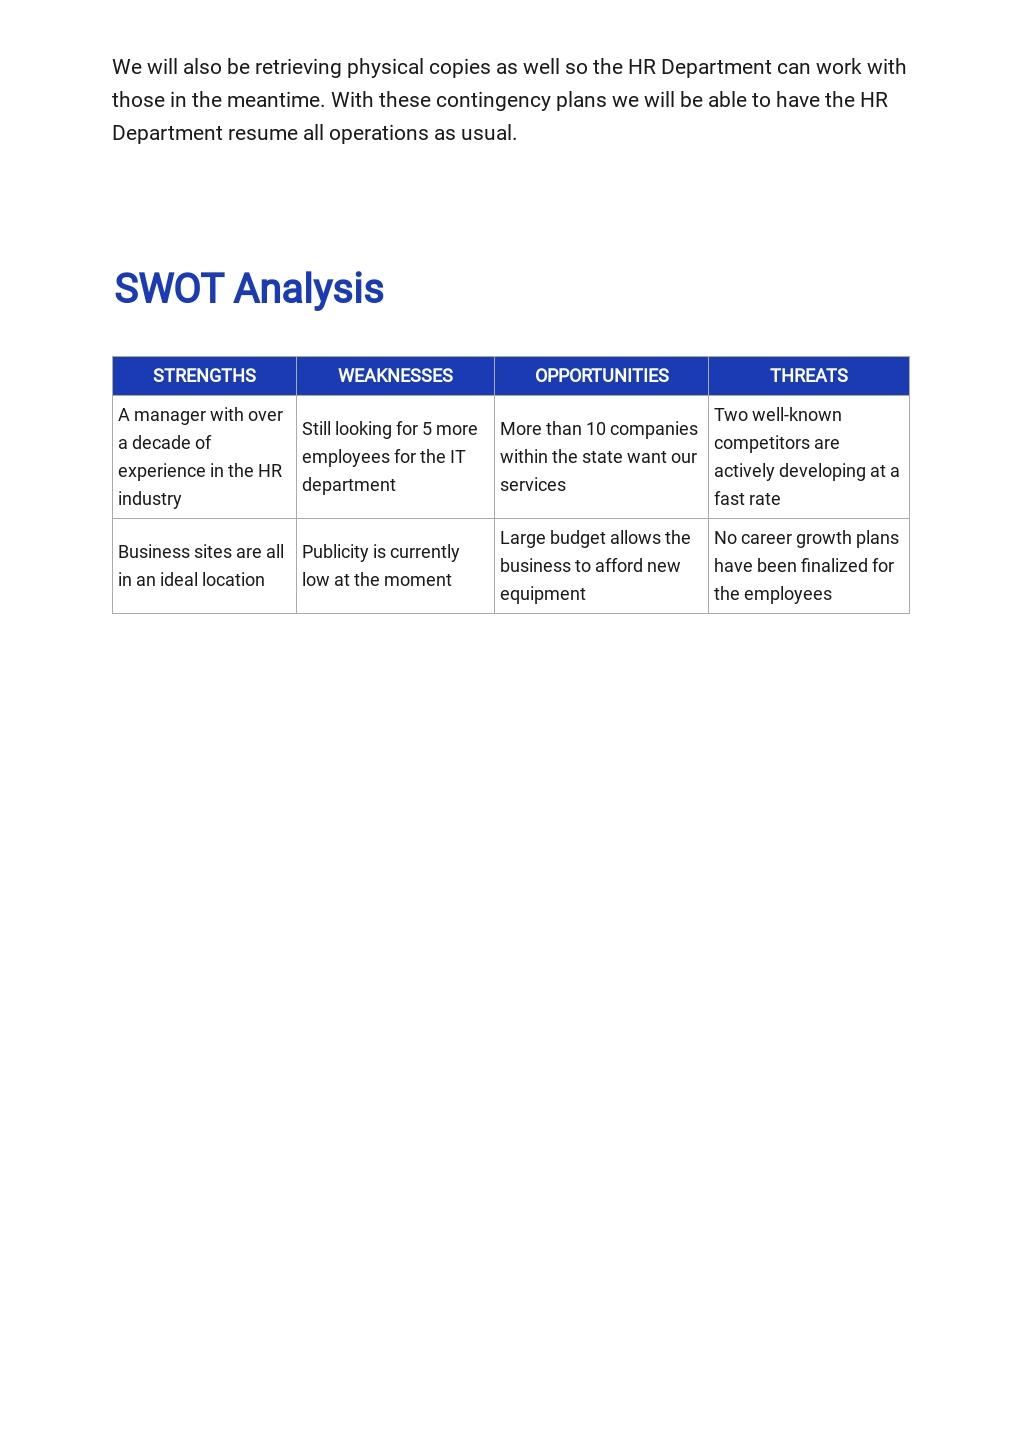 HR Contingency Plan Template 2.jpe